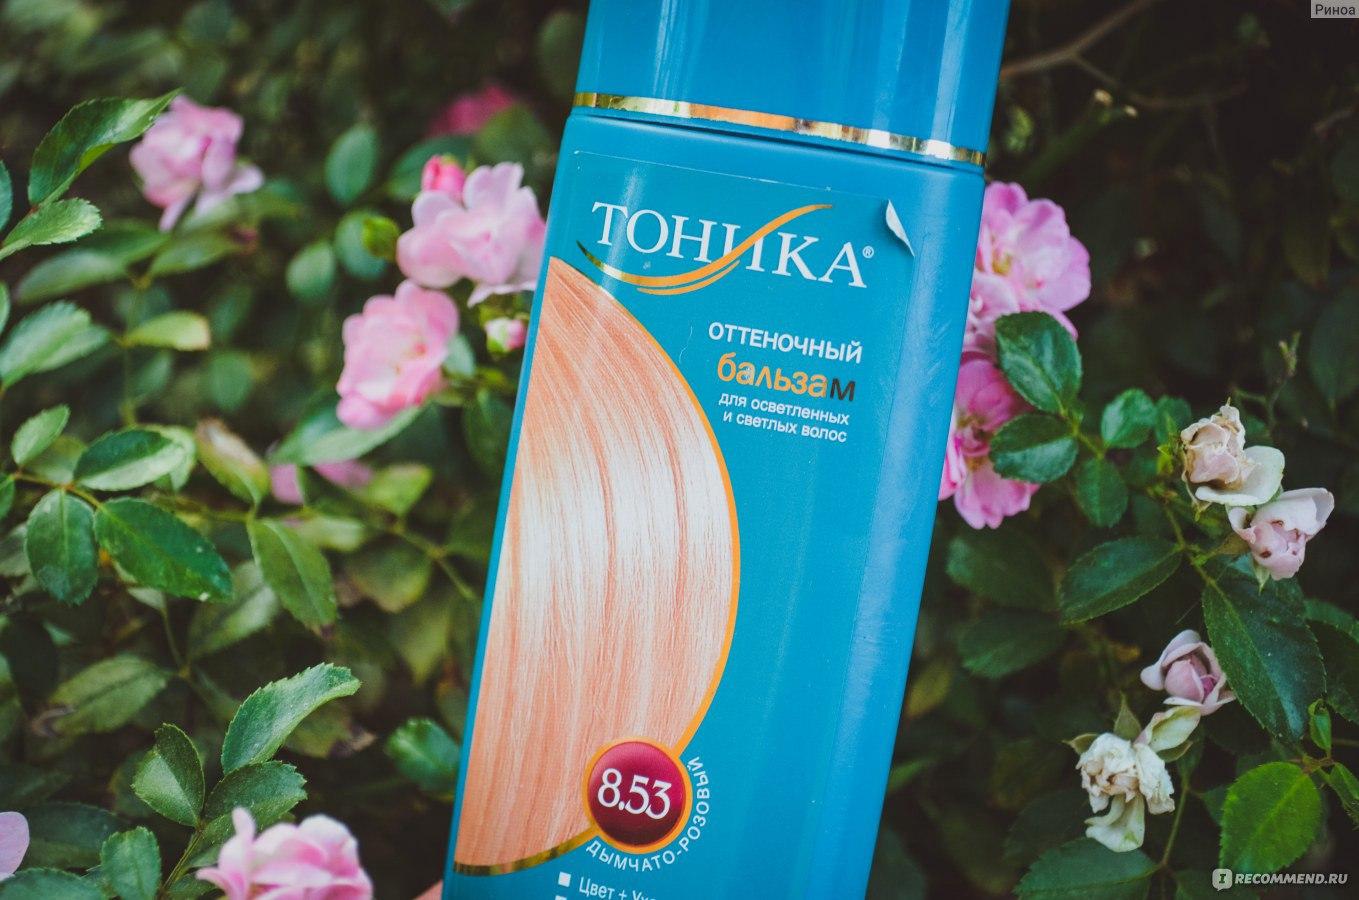 Тоник для волос: цвета, правила окрашивания, отзывы 36